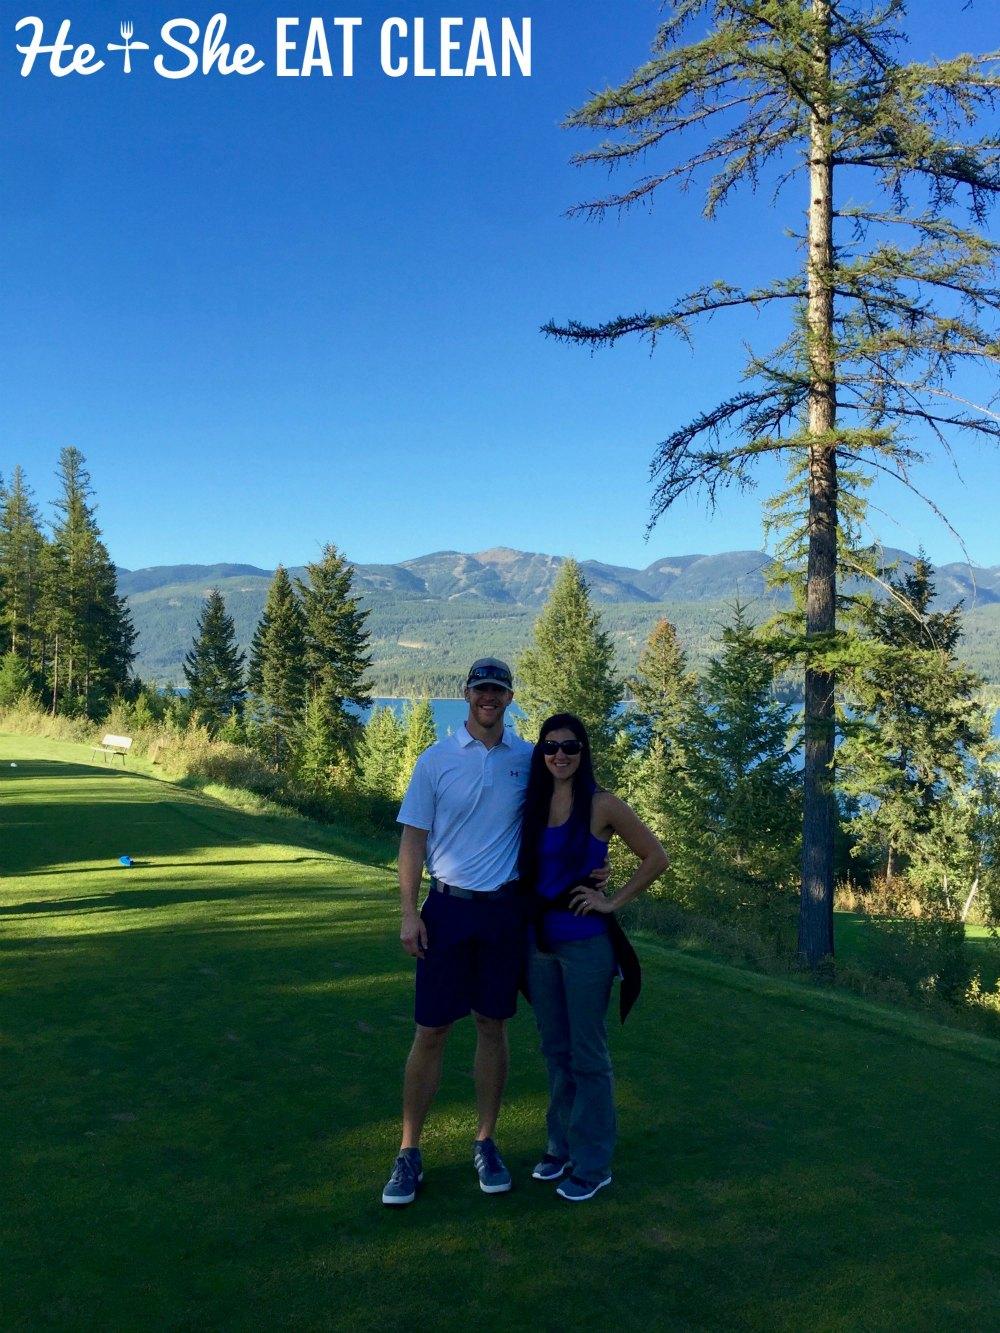 Whitefish Lake Golf Club in Whitefish, Montana